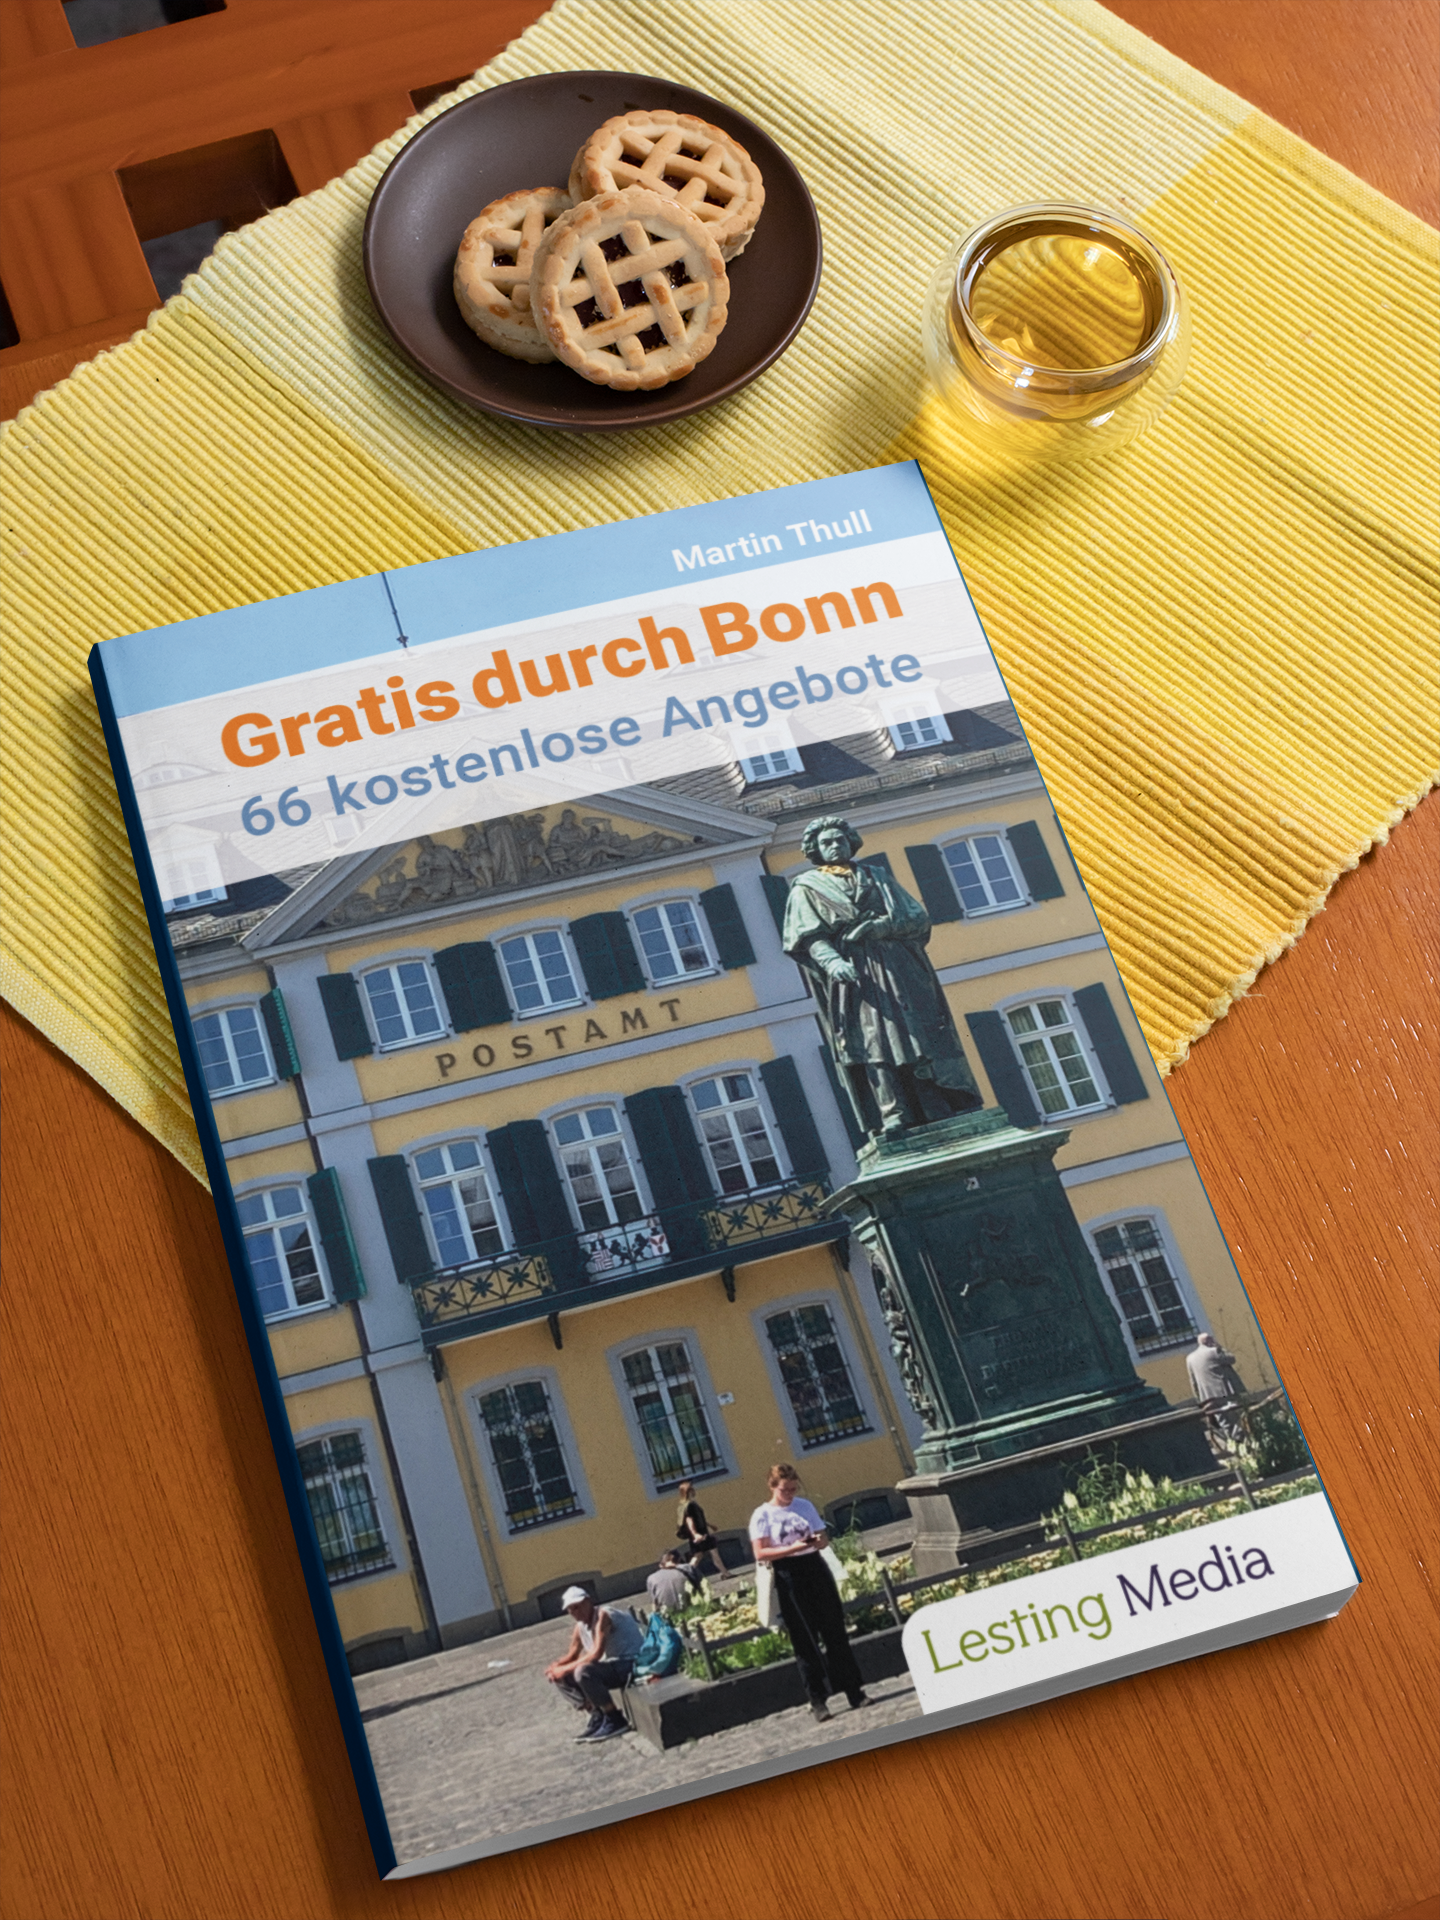 Gratis durch Bonn